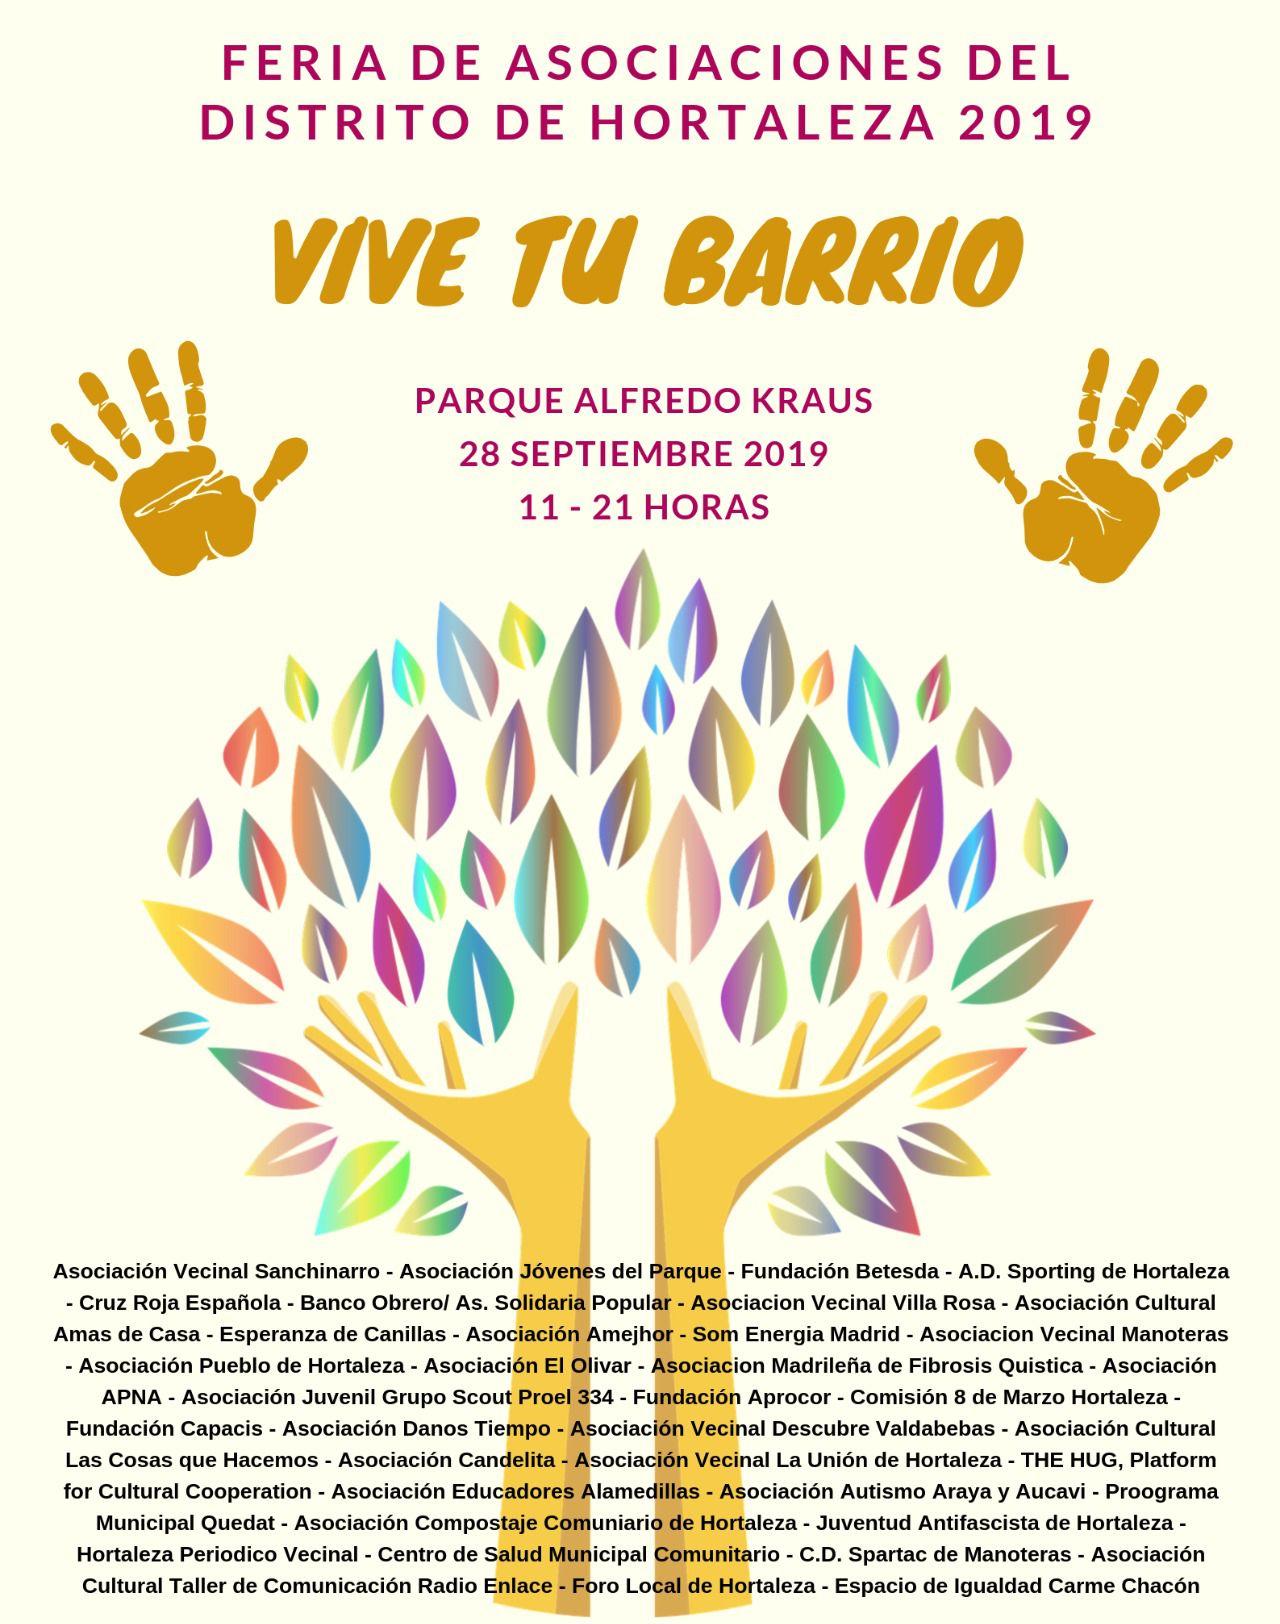 Cartel de la feria con todas las entidades participantes.